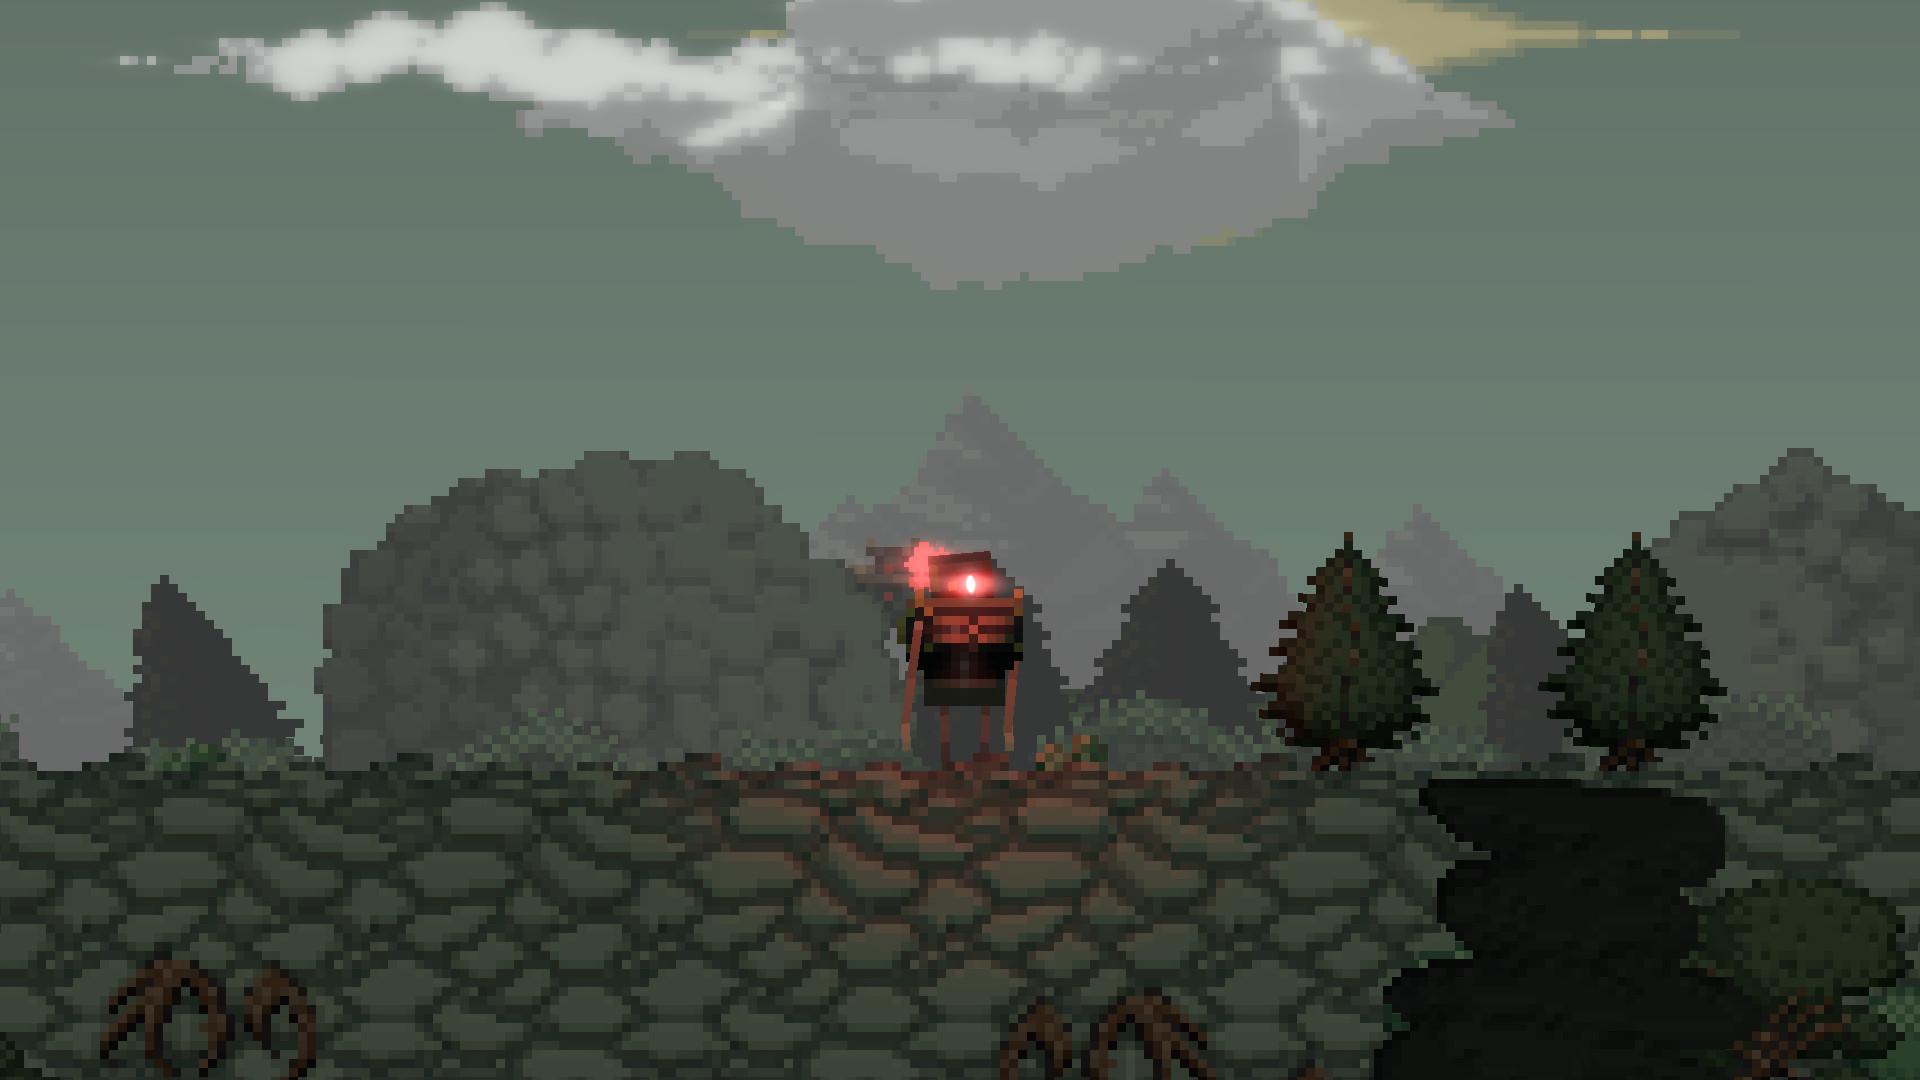 com.steam.545120-screenshot